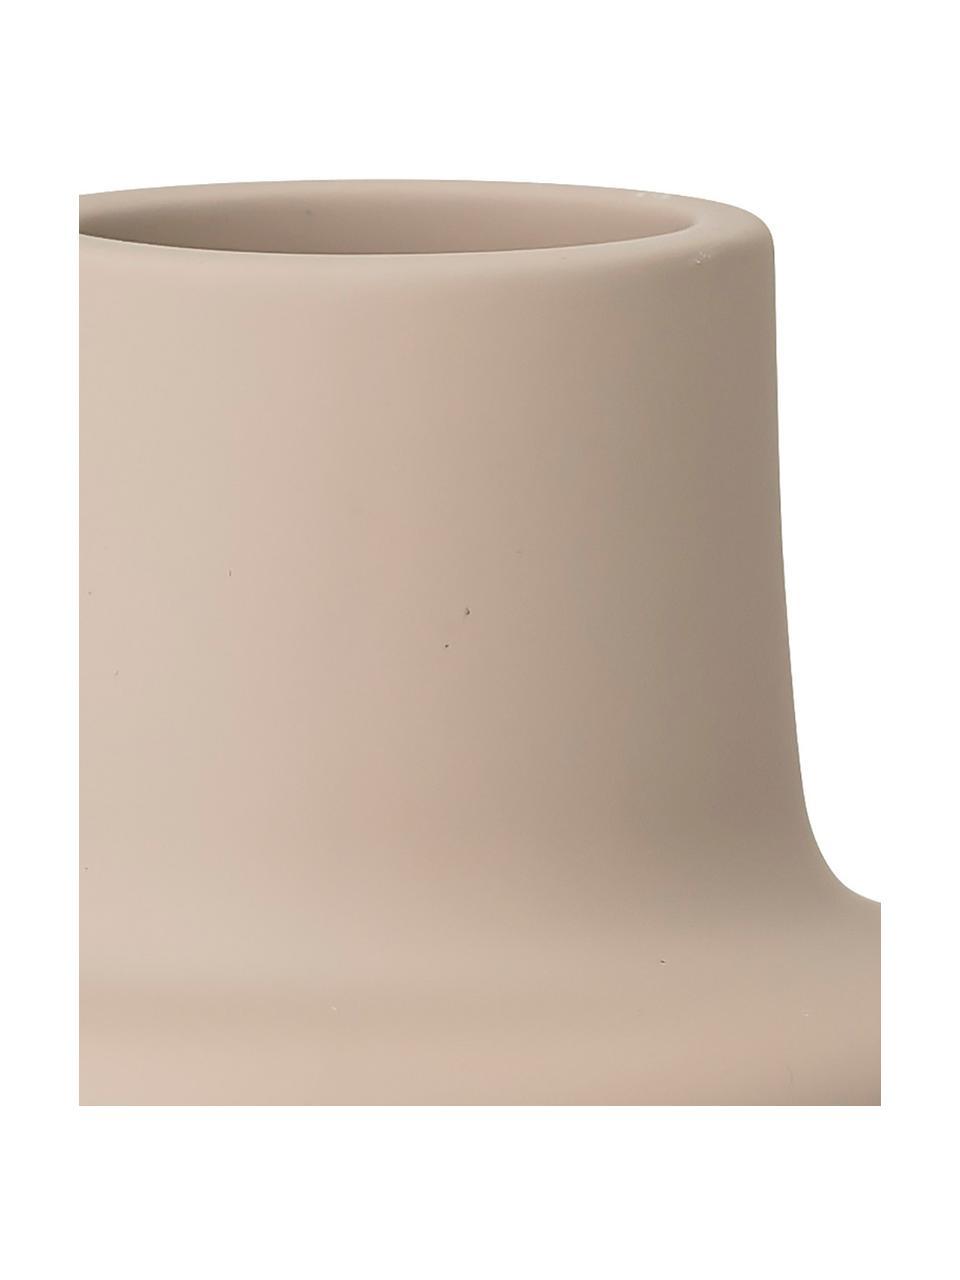 Portalumino in gres Noma, Gres, Beige, Ø 10 x Alt. 9 cm